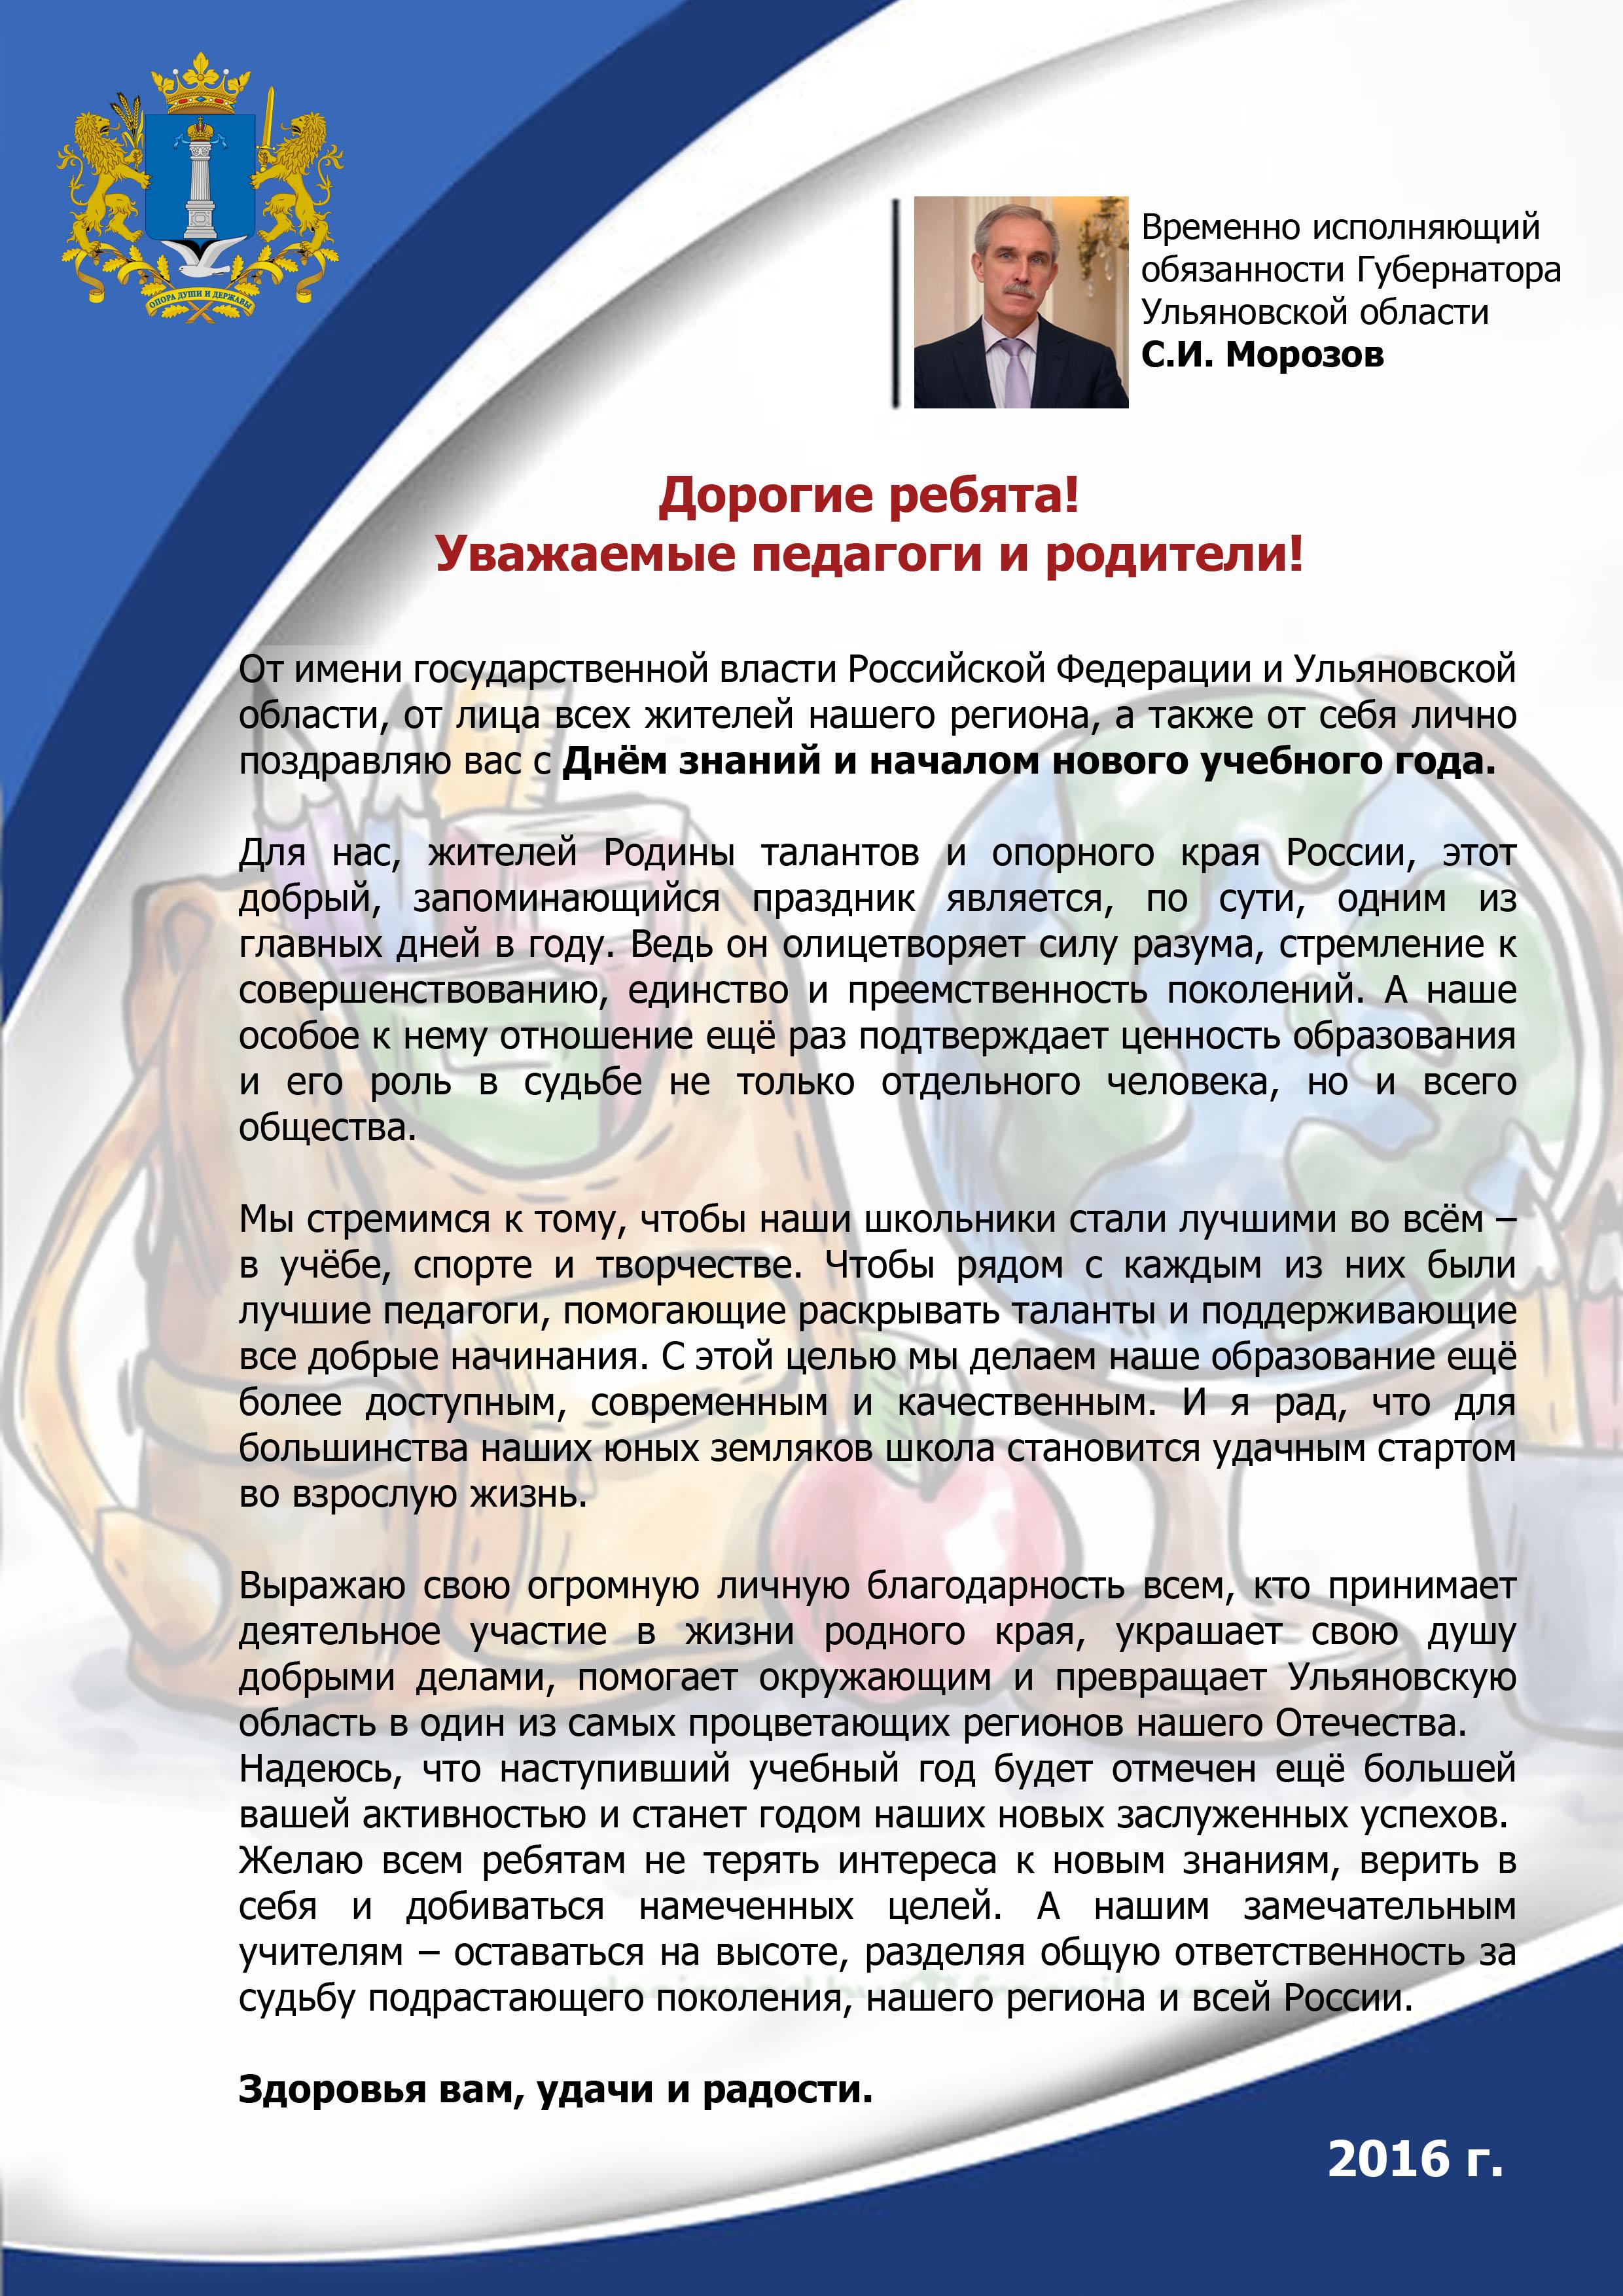 Поздравление губернатору ульяновской о